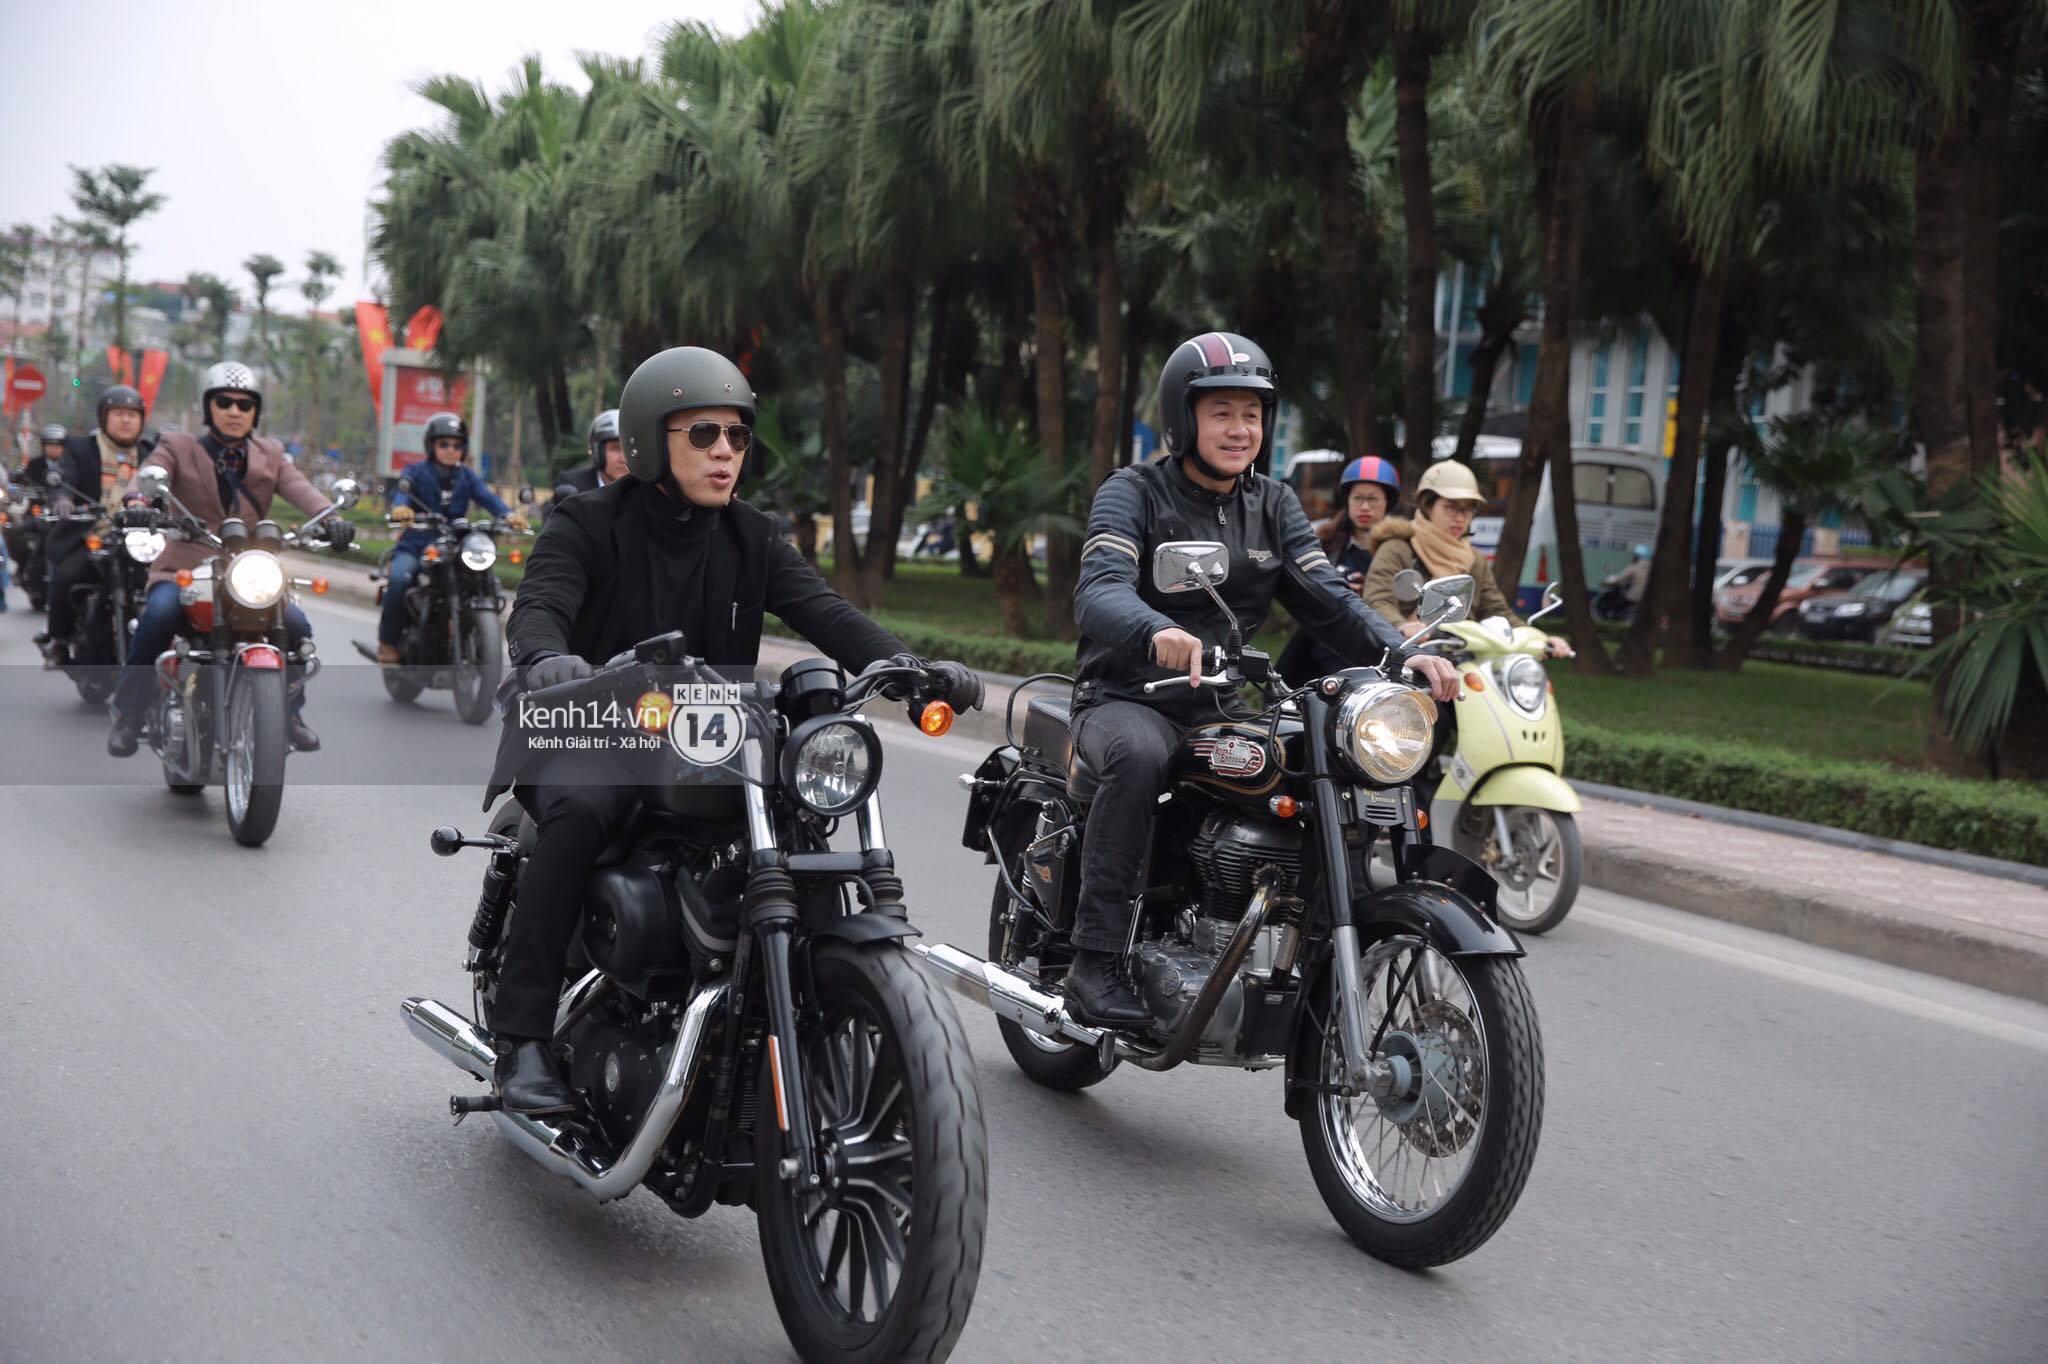 Sao Việt : Một lần nữa, MC Anh Tuấn lại gây xúc động khi chạy chiếc xe của Trần Lập dẫn đoàn diễu hành trên phố